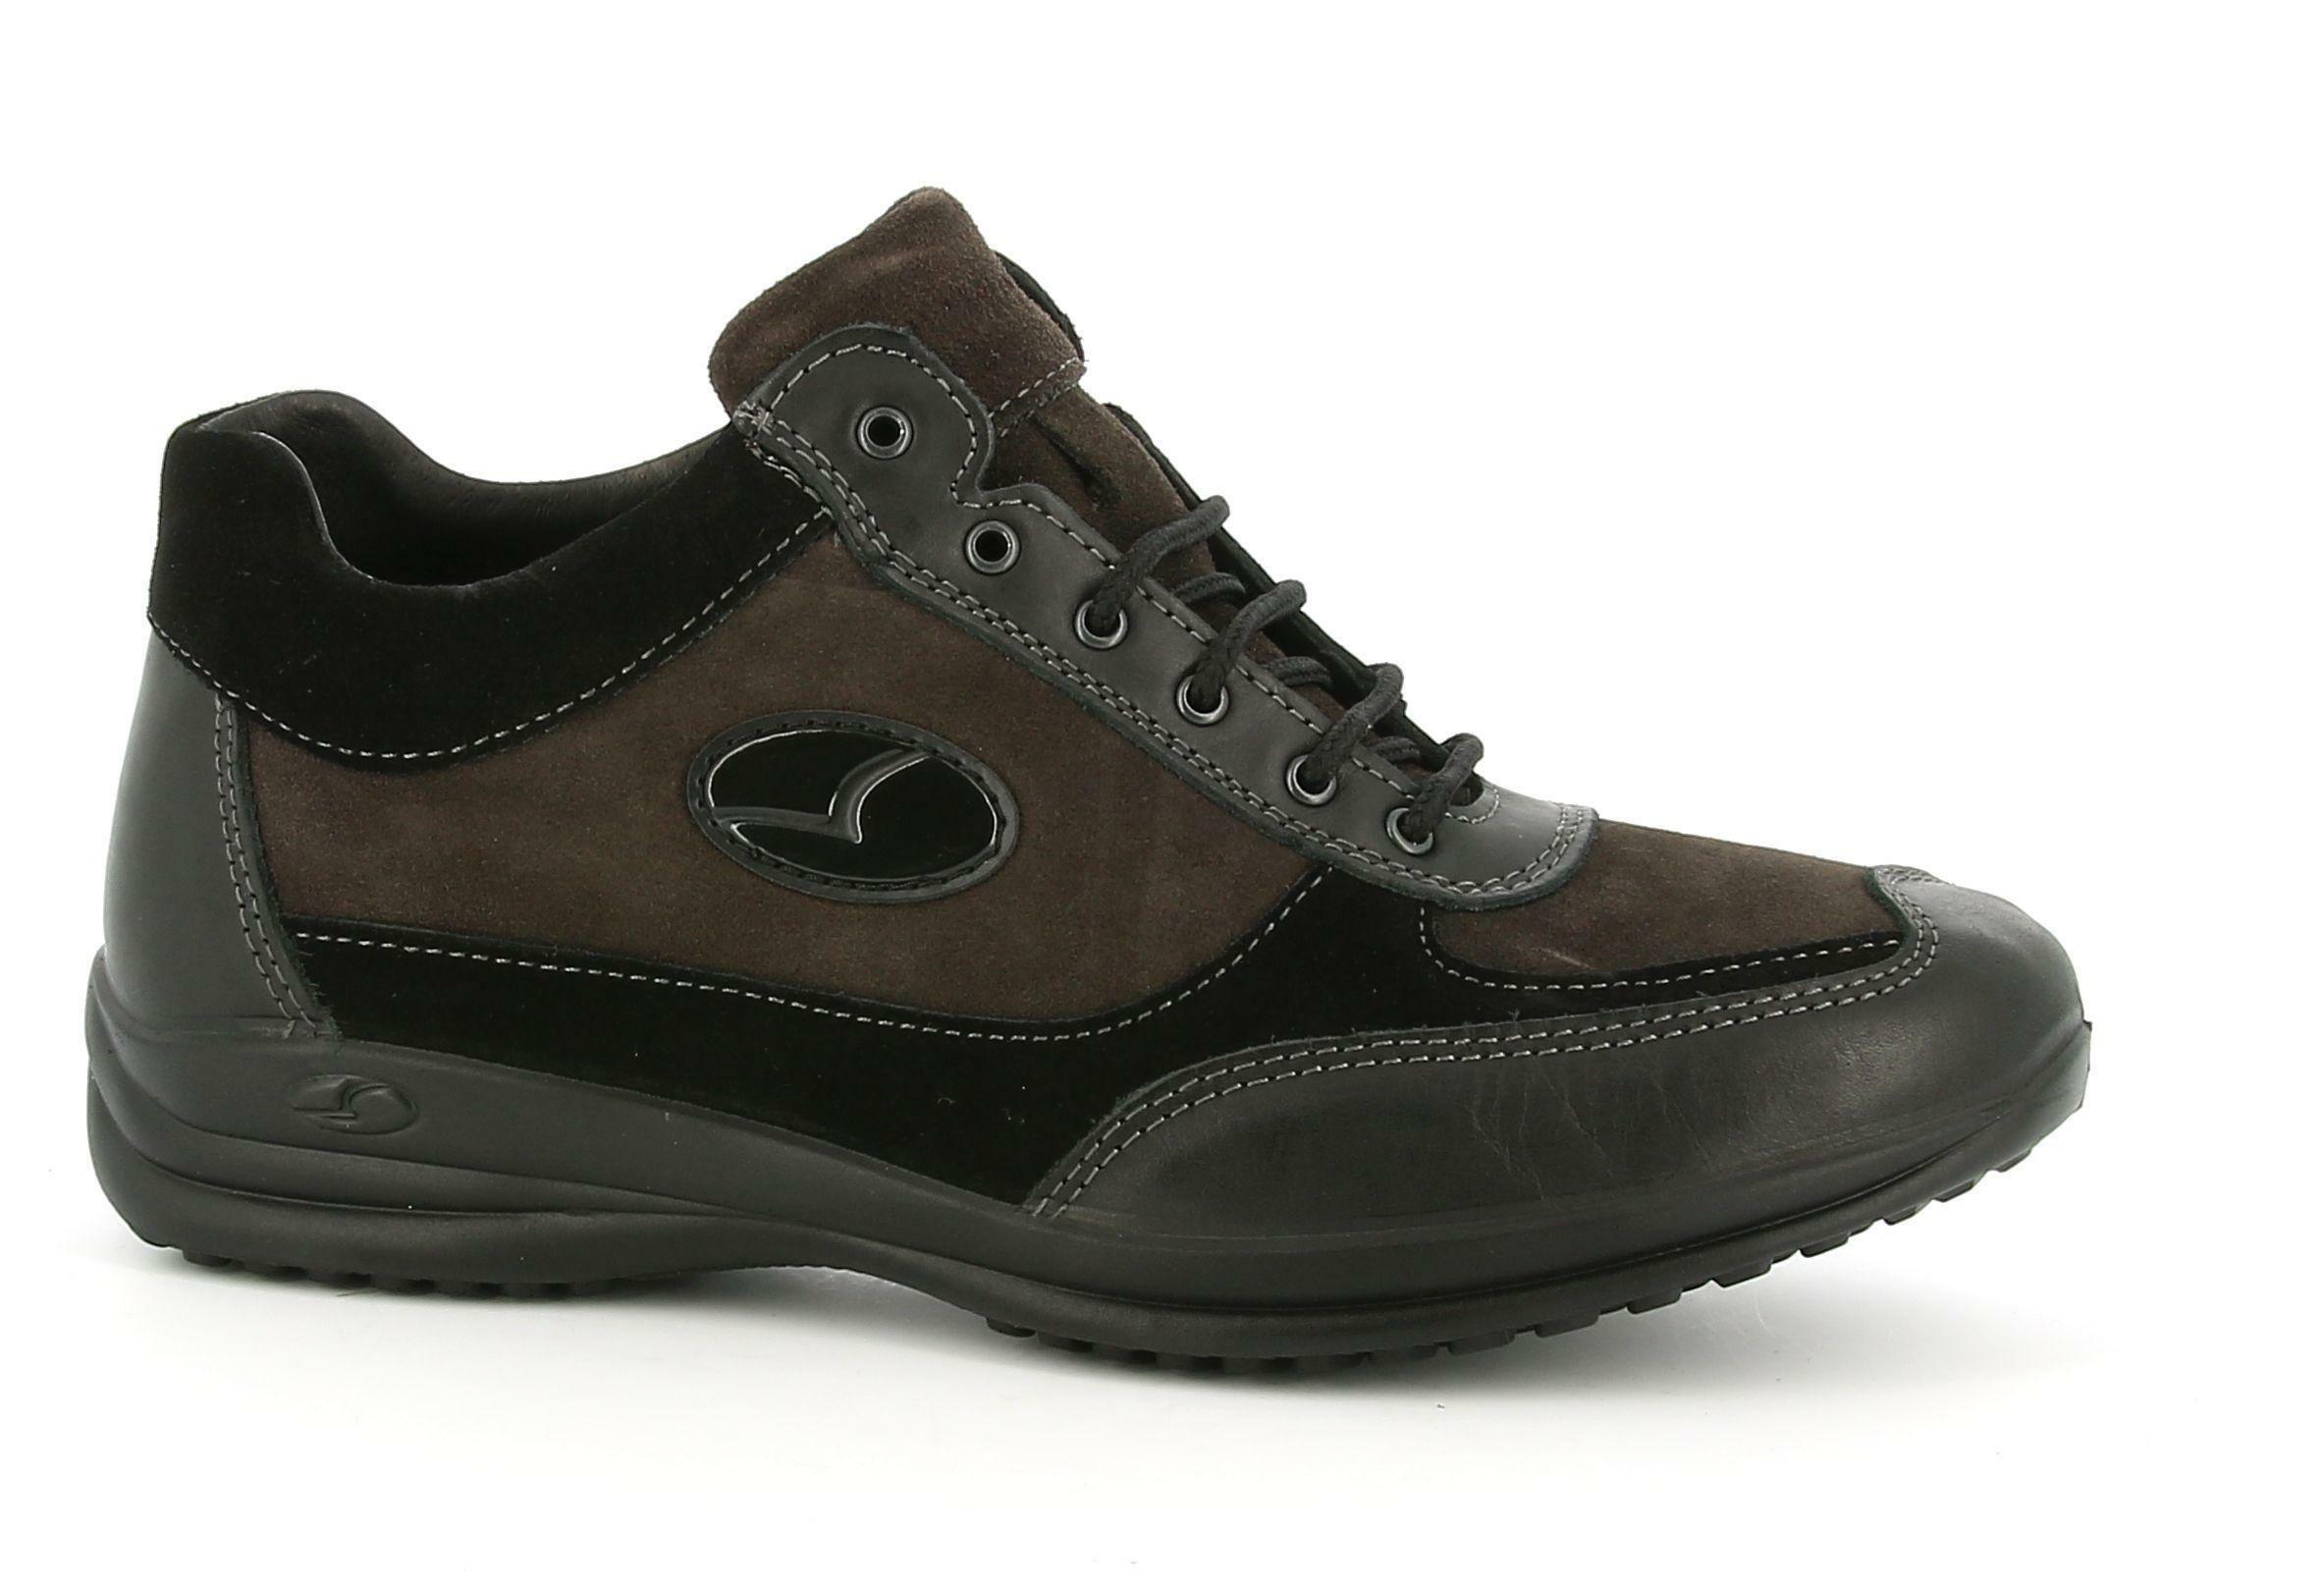 grisport grisport allacciato sportivo 8135ngv306 nero golf botalato da uomo nero